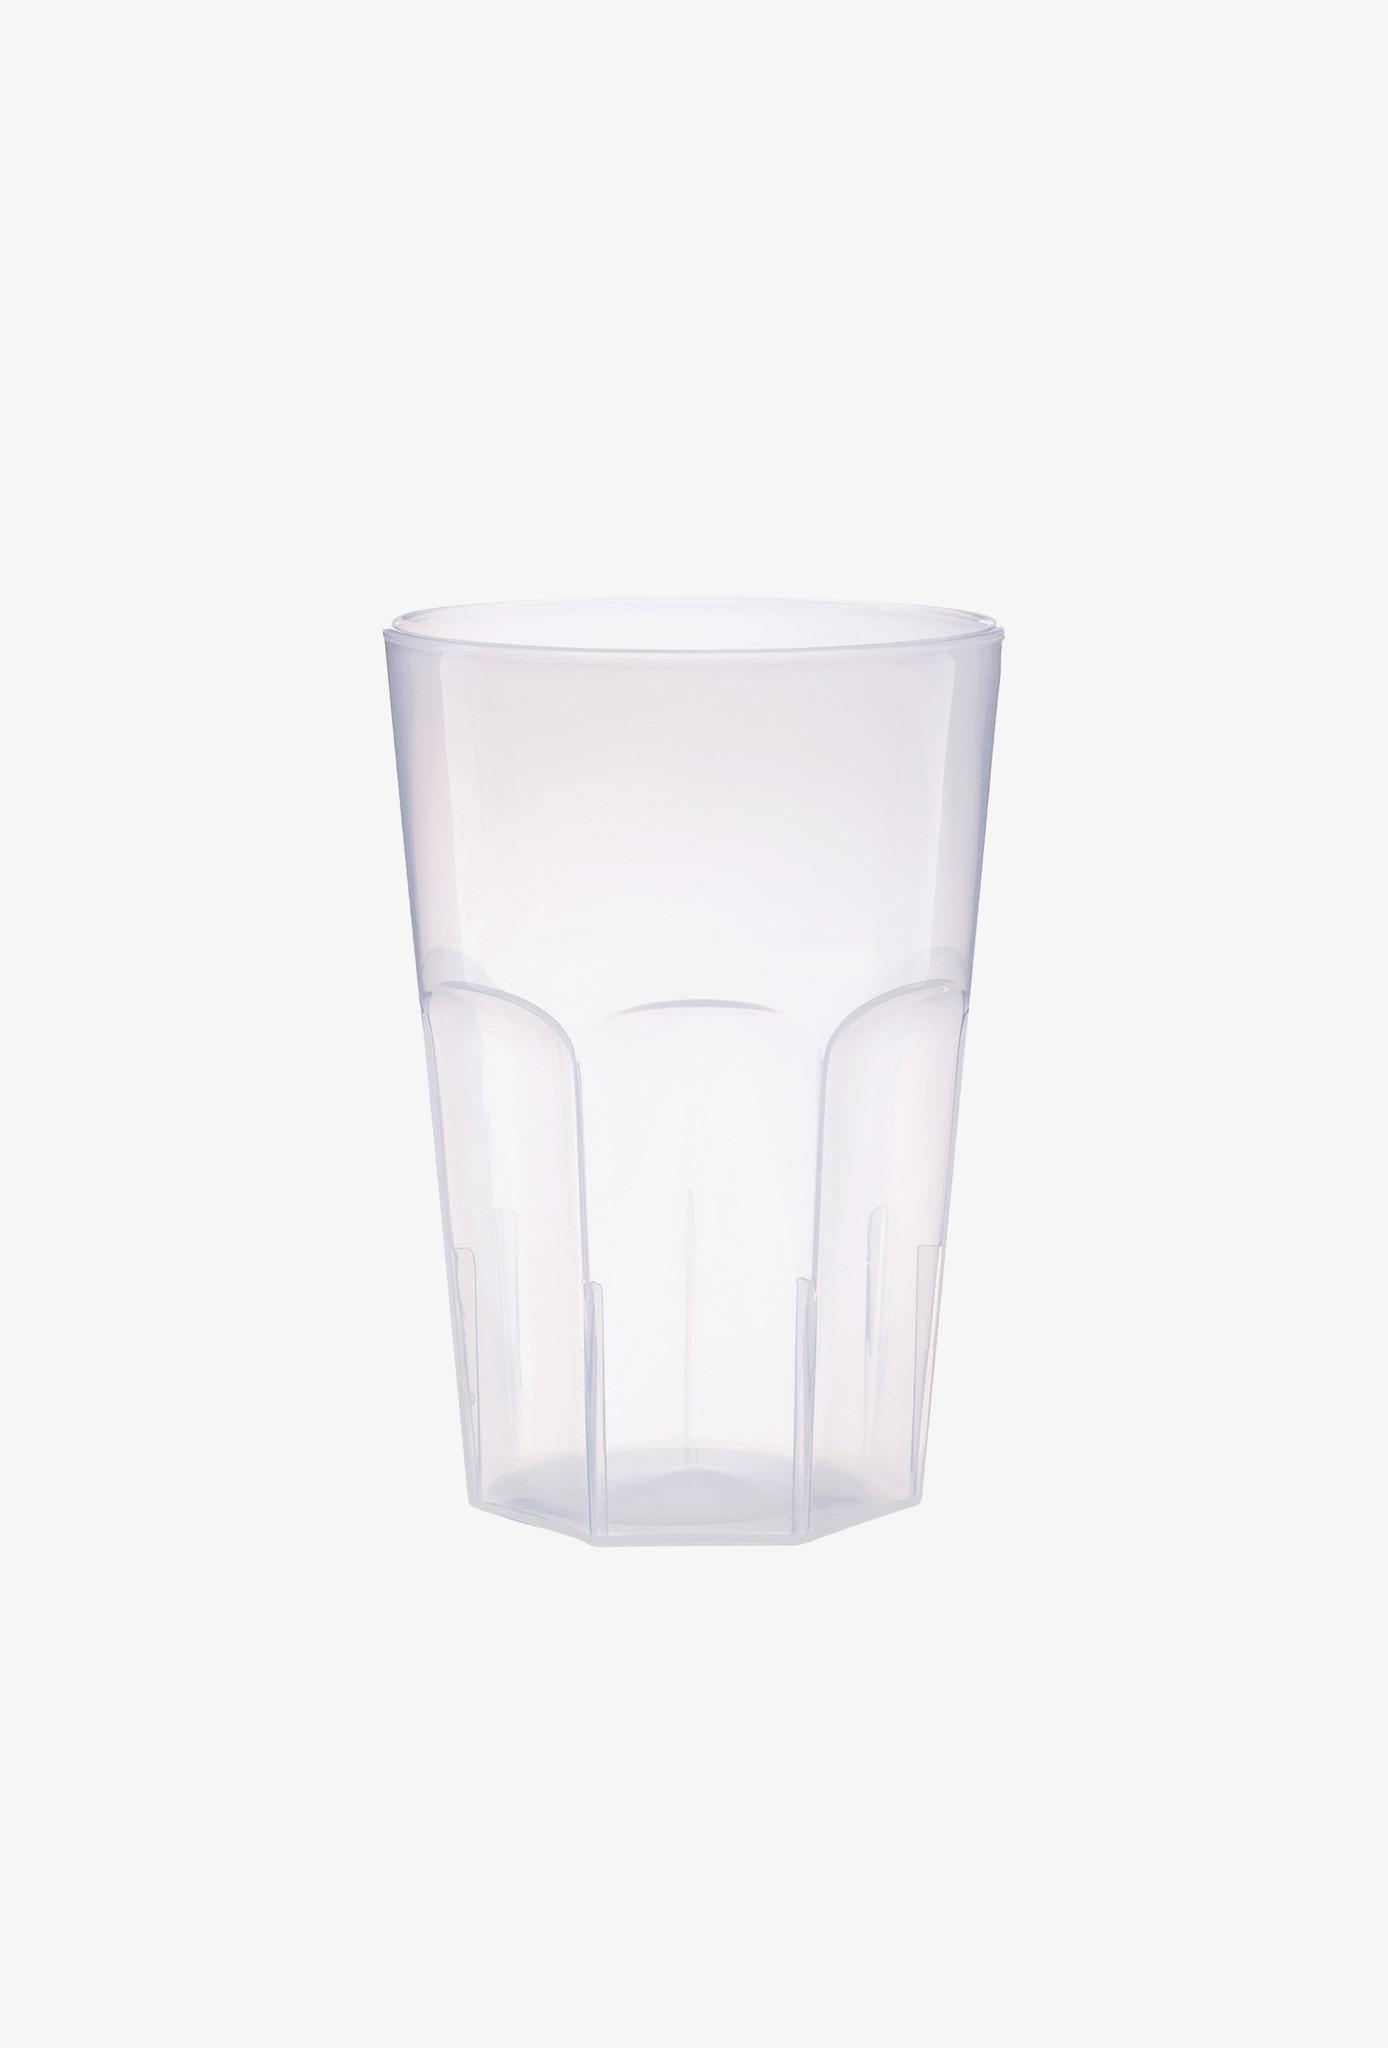 EcoCocktail (10oz) 100/boite